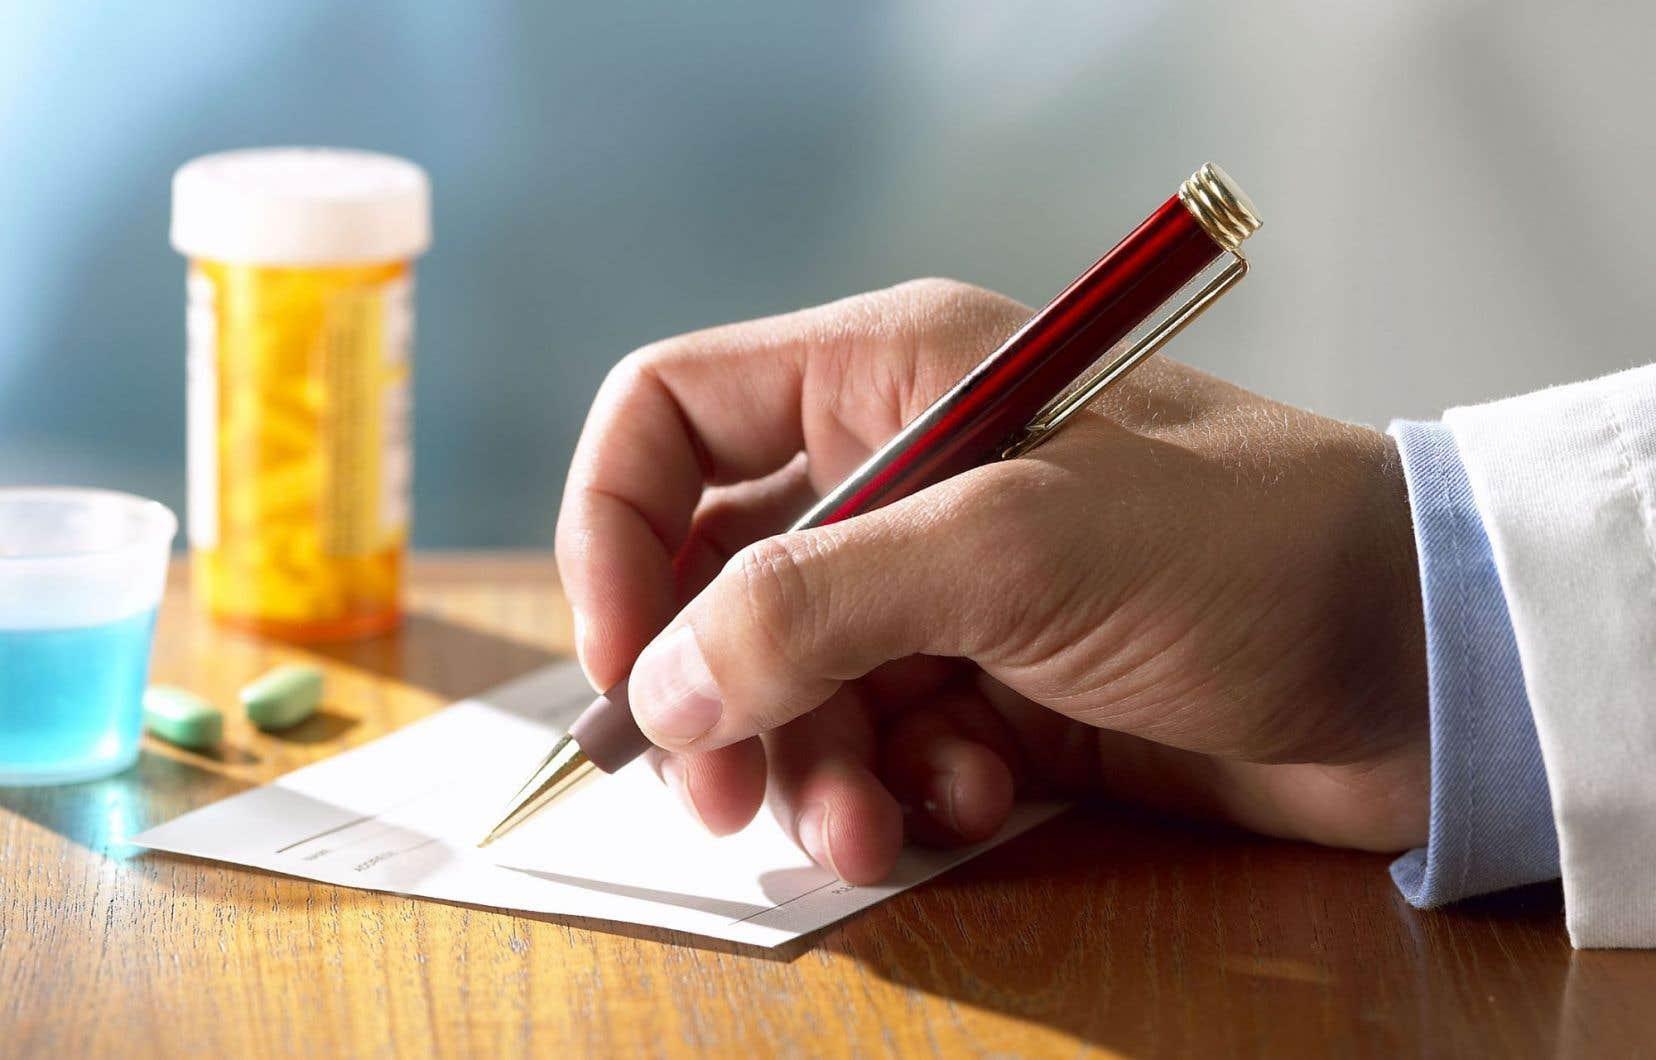 Des médecins spécialistes jugent préoccupant le refus de débattre sur la place publique des frais accessoires.